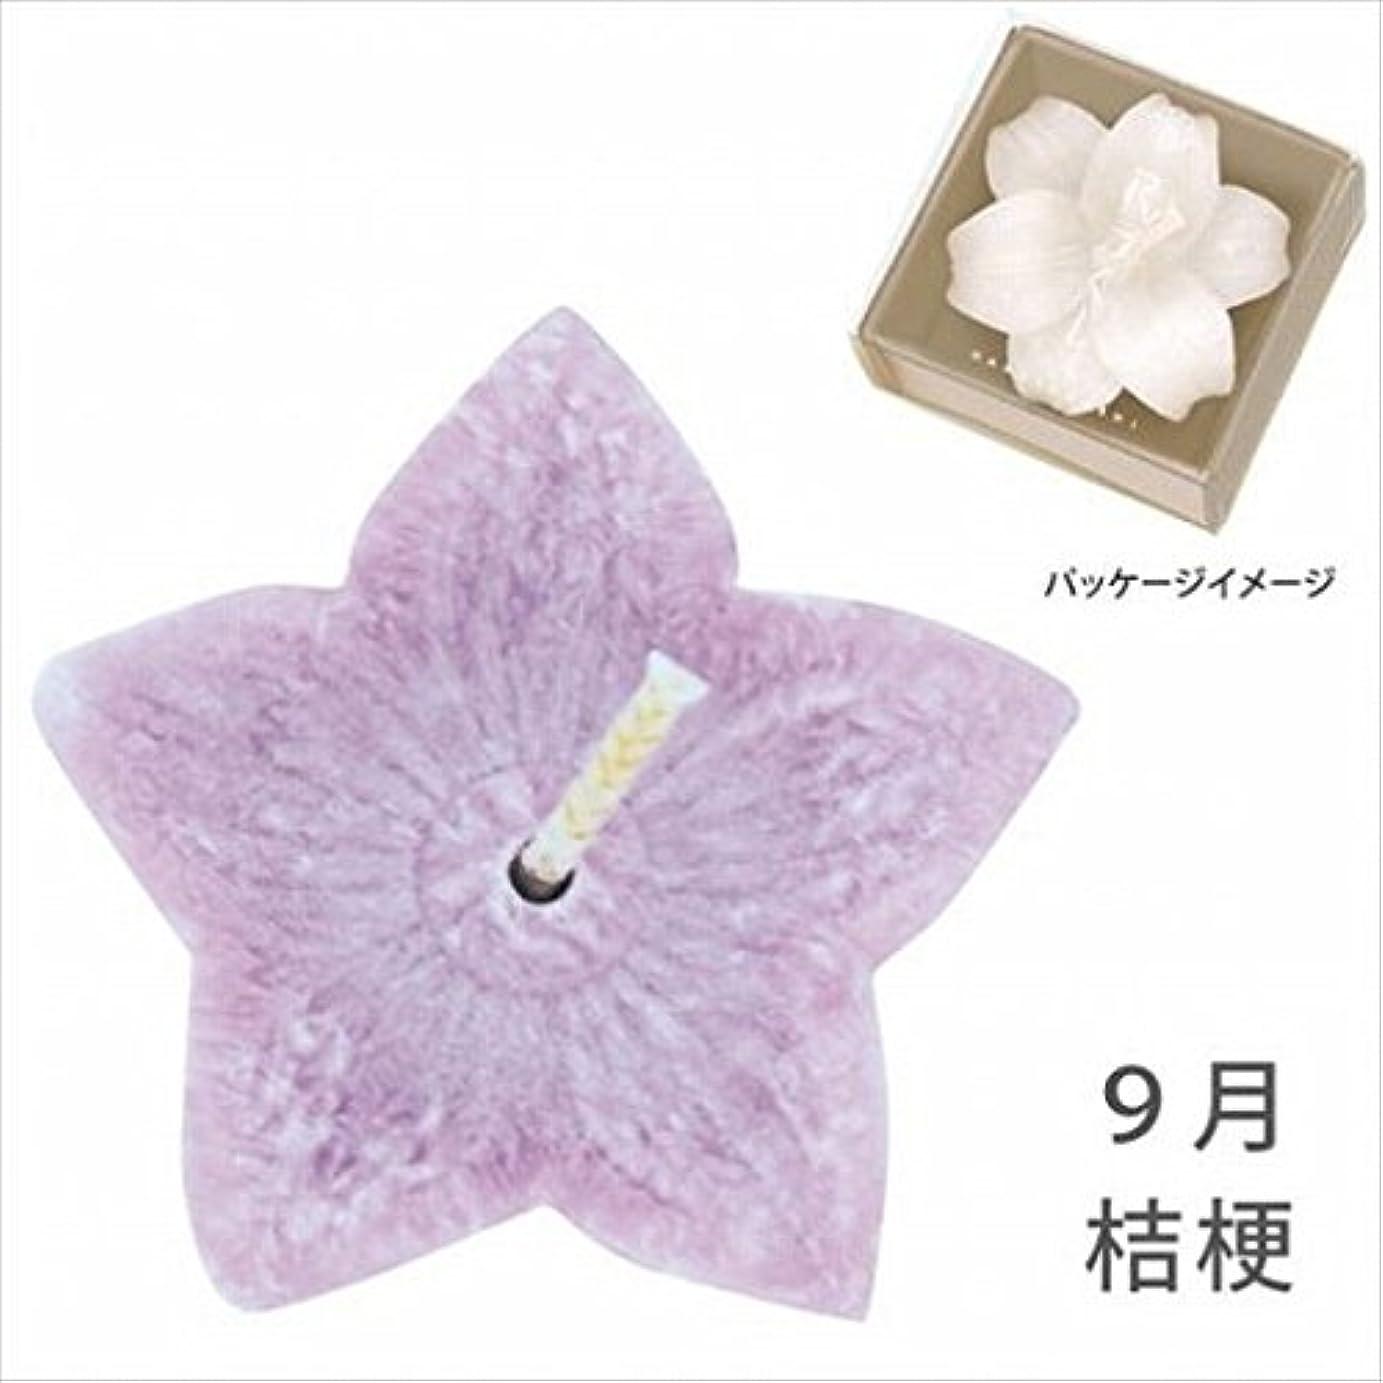 アラスカオゾンフレッシュkameyama candle(カメヤマキャンドル) 花づくし(植物性) 桔梗 「 桔梗(9月) 」 キャンドル(A4620510)